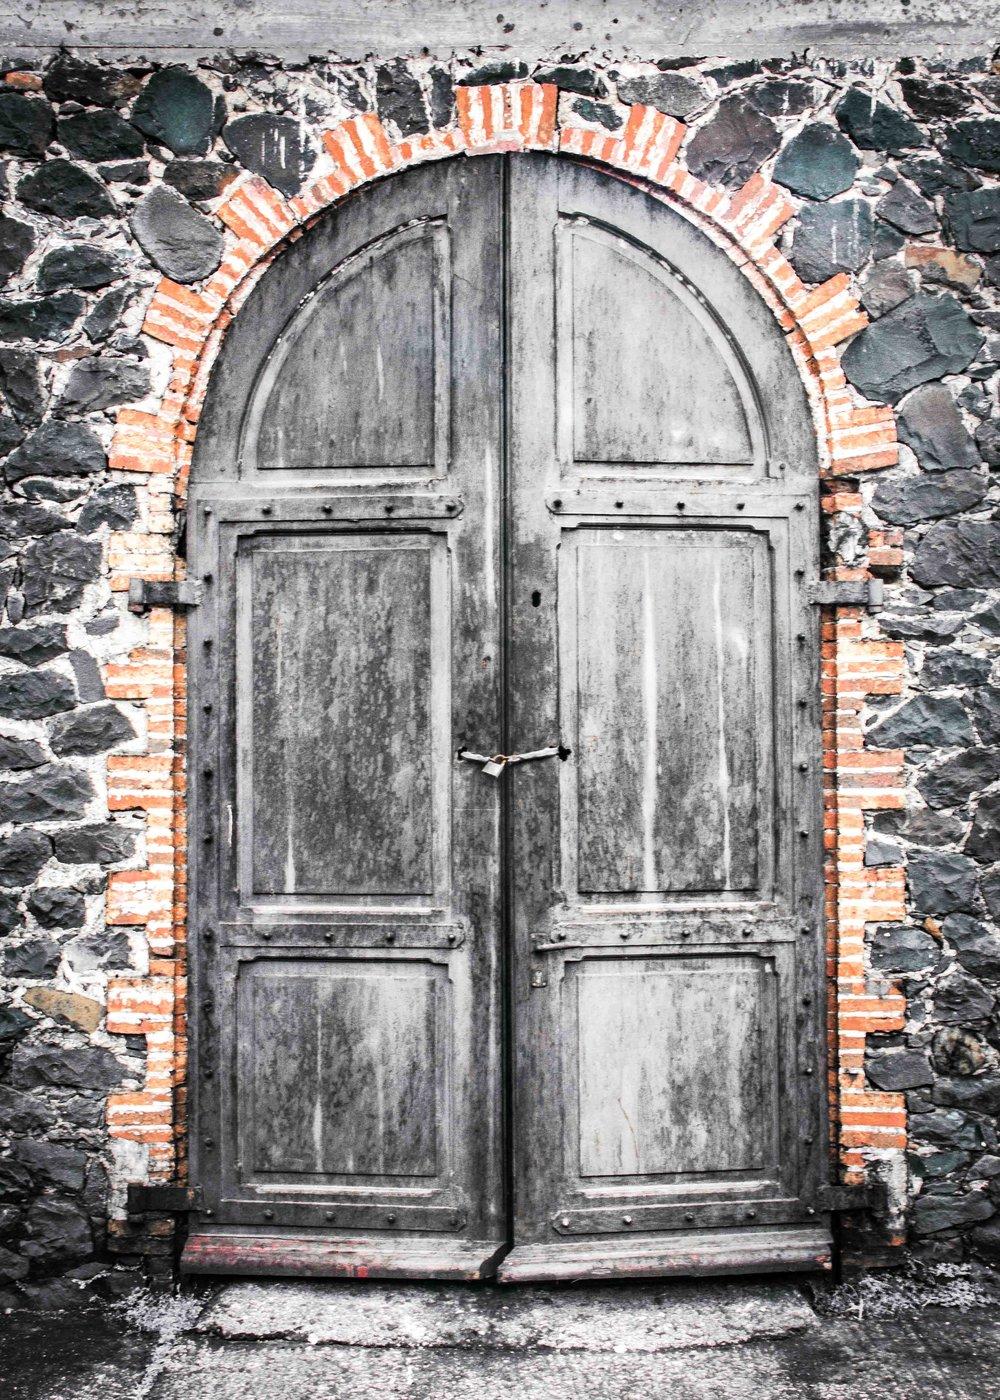 Martinique, Habitation Saint-Etienne, HSE : la porte des chais de vieillissement